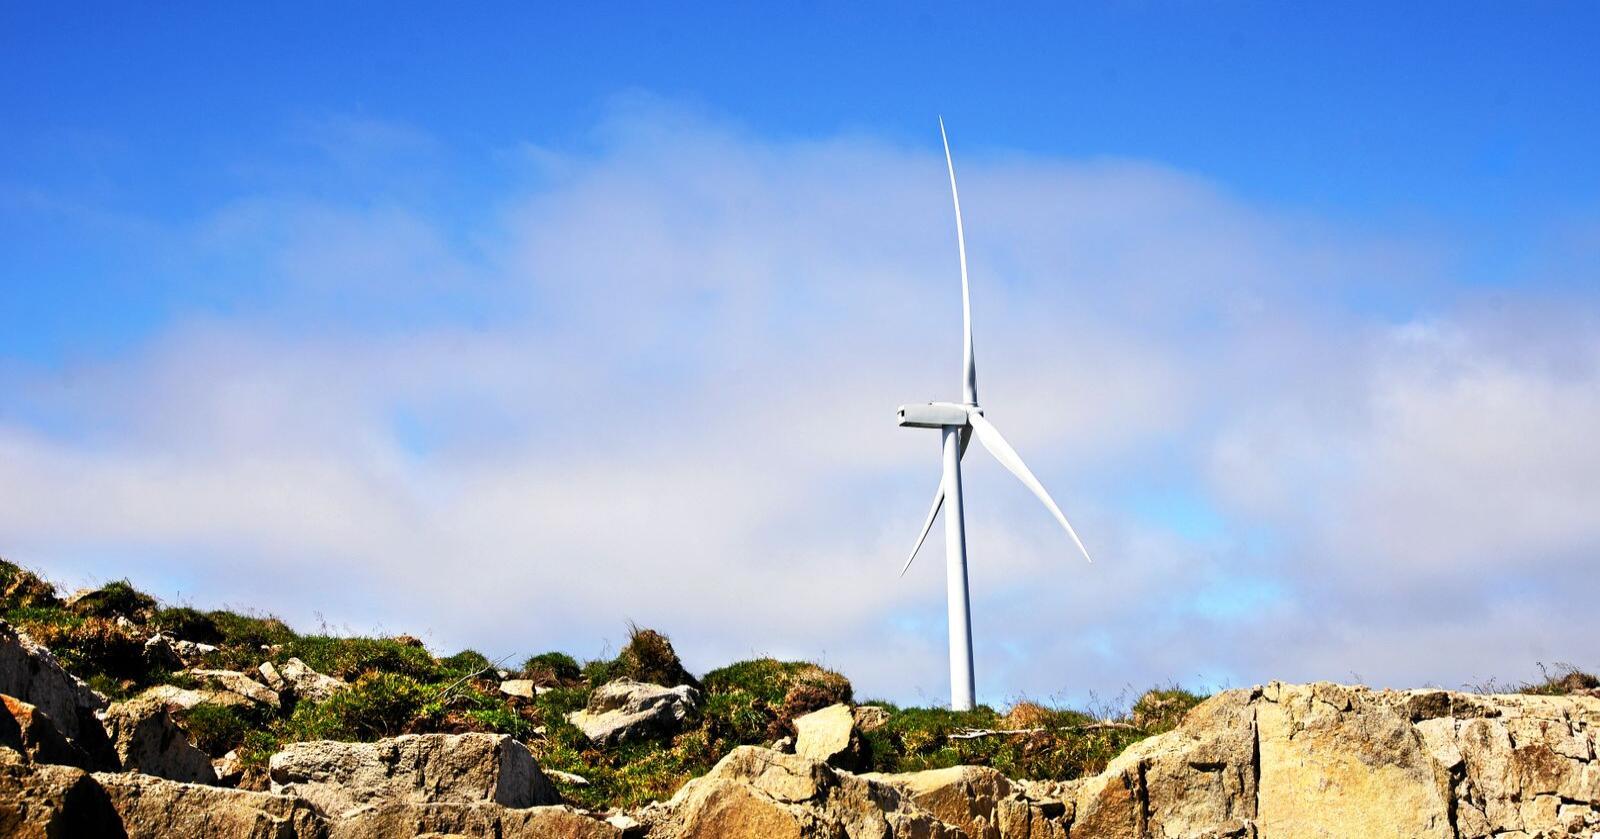 En ny studie om vindkraft og søvn, viser at vindkraftlyder har negativ effekt på deler av søvnen. Illustrasjonsfoto: Siri Juell Rasmussen